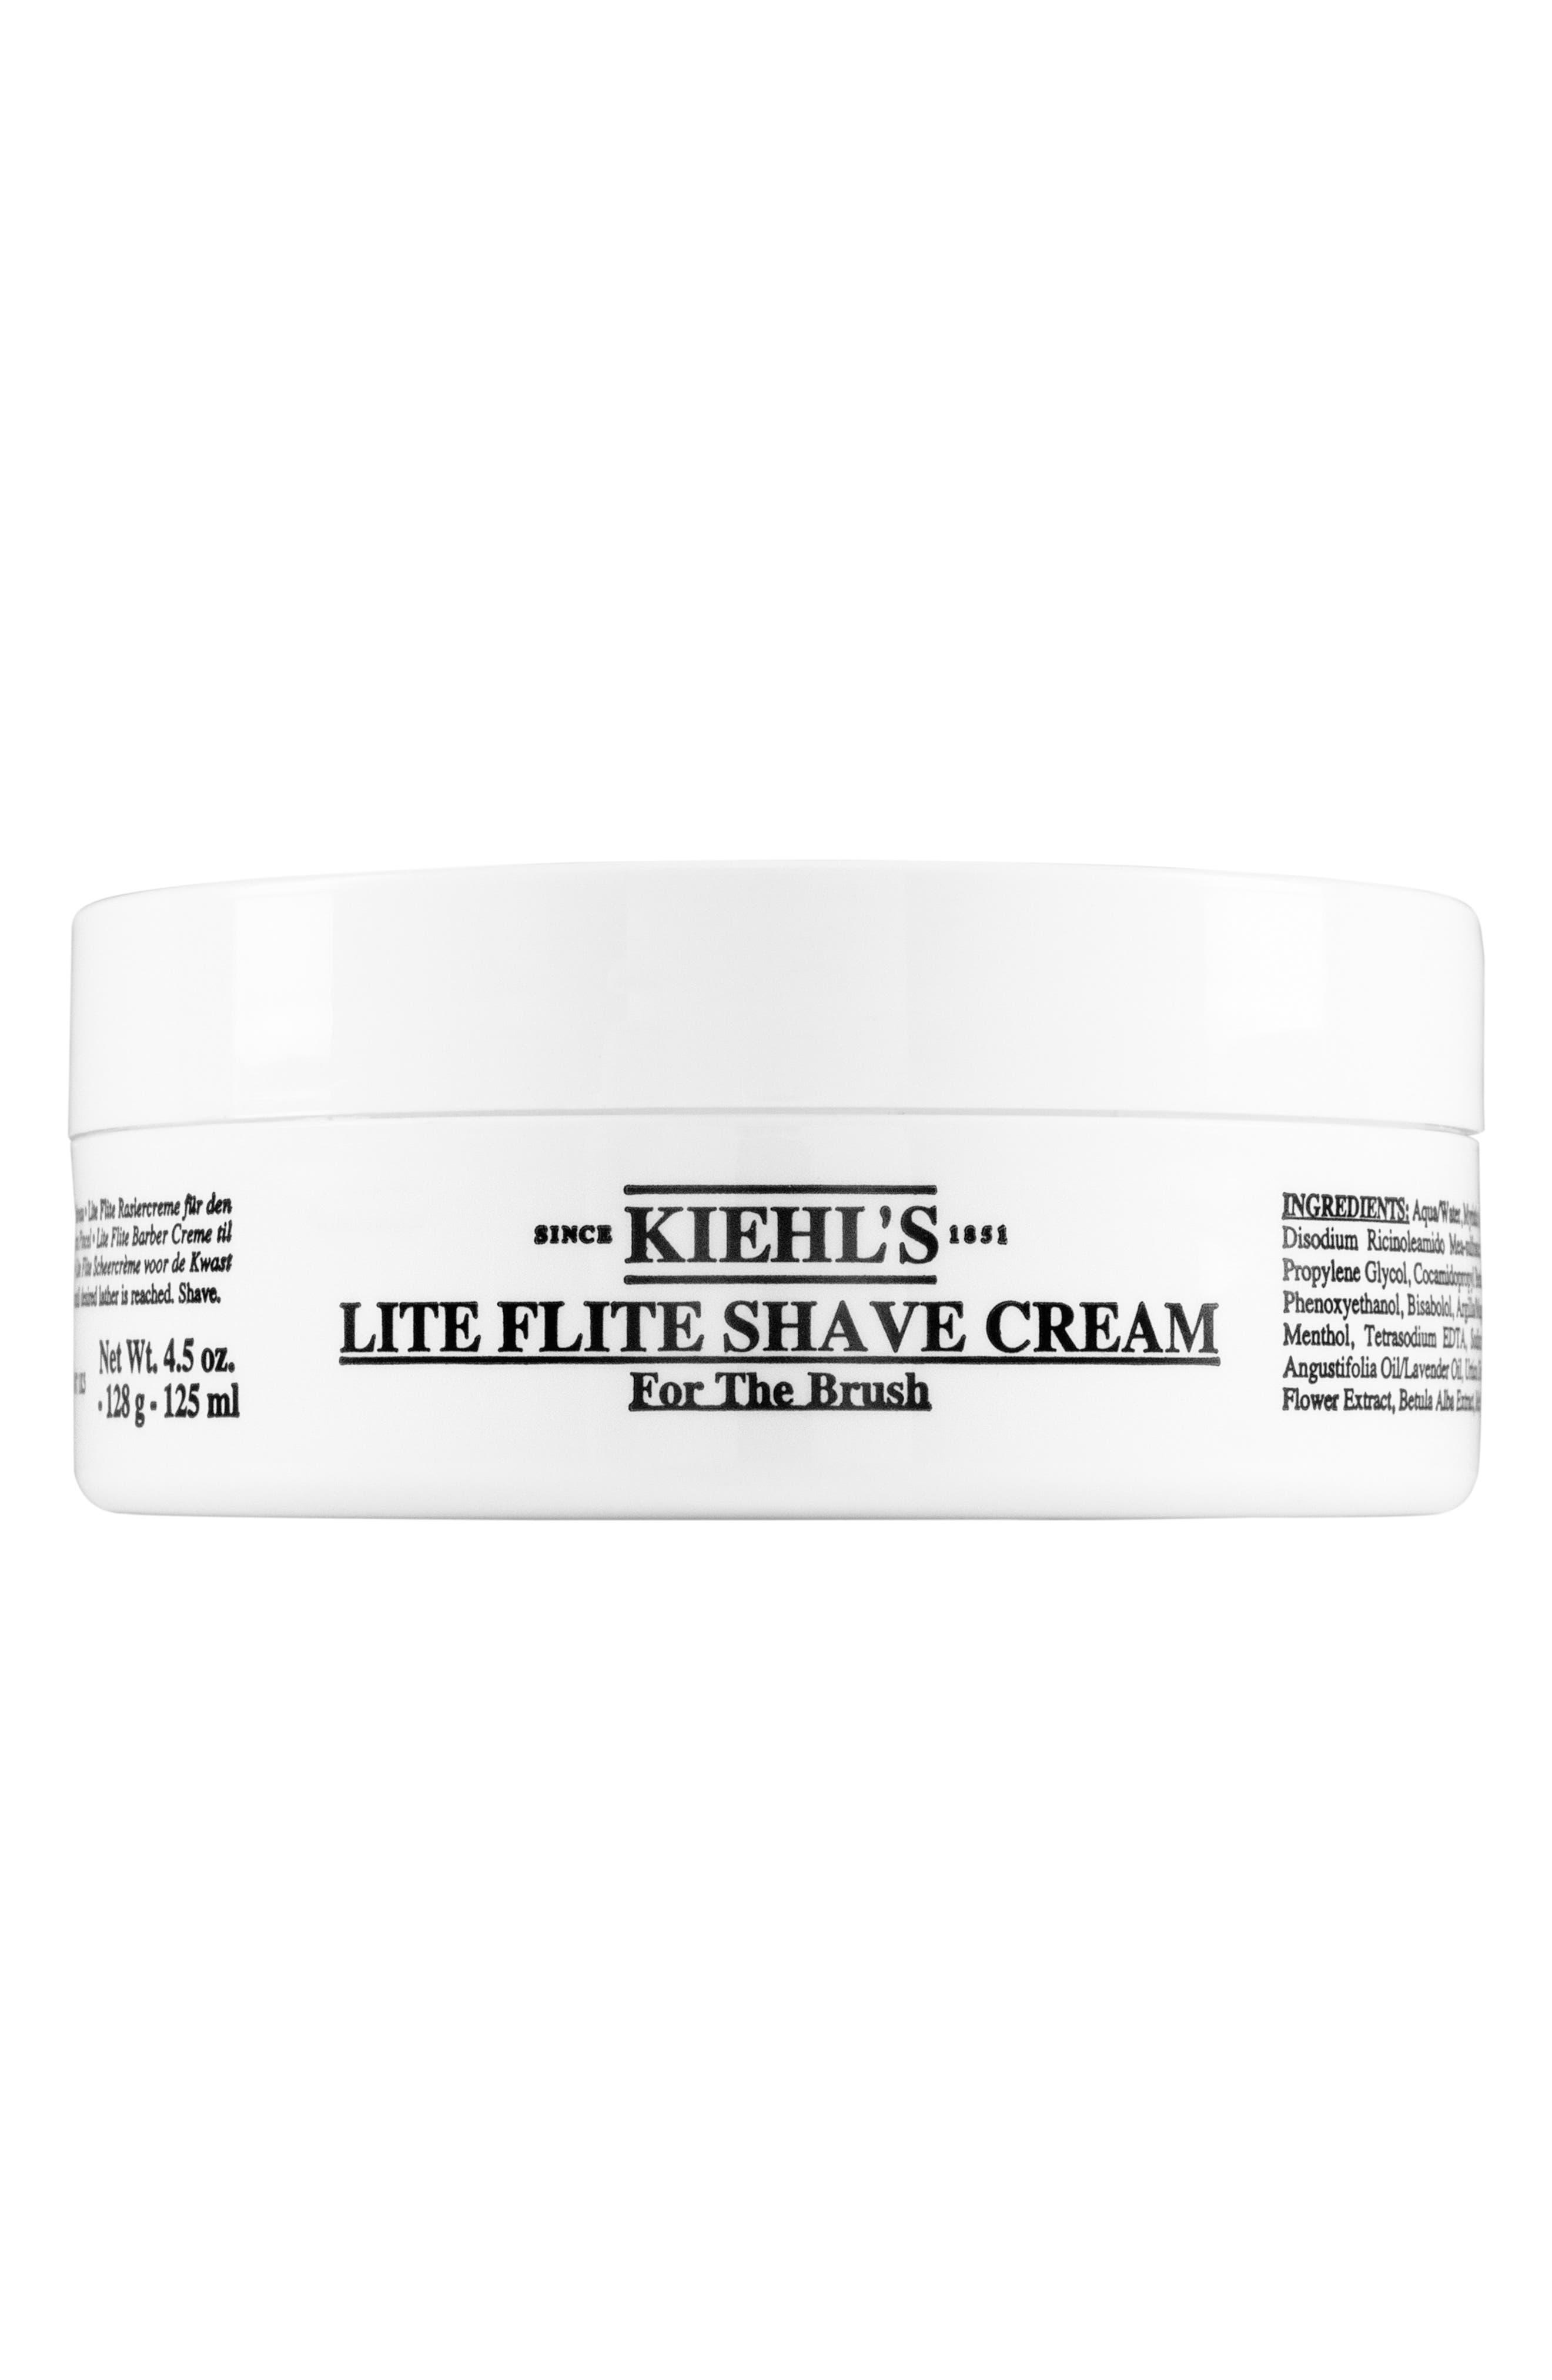 Kiehl's Since 1851 Lite Flite Shave Cream